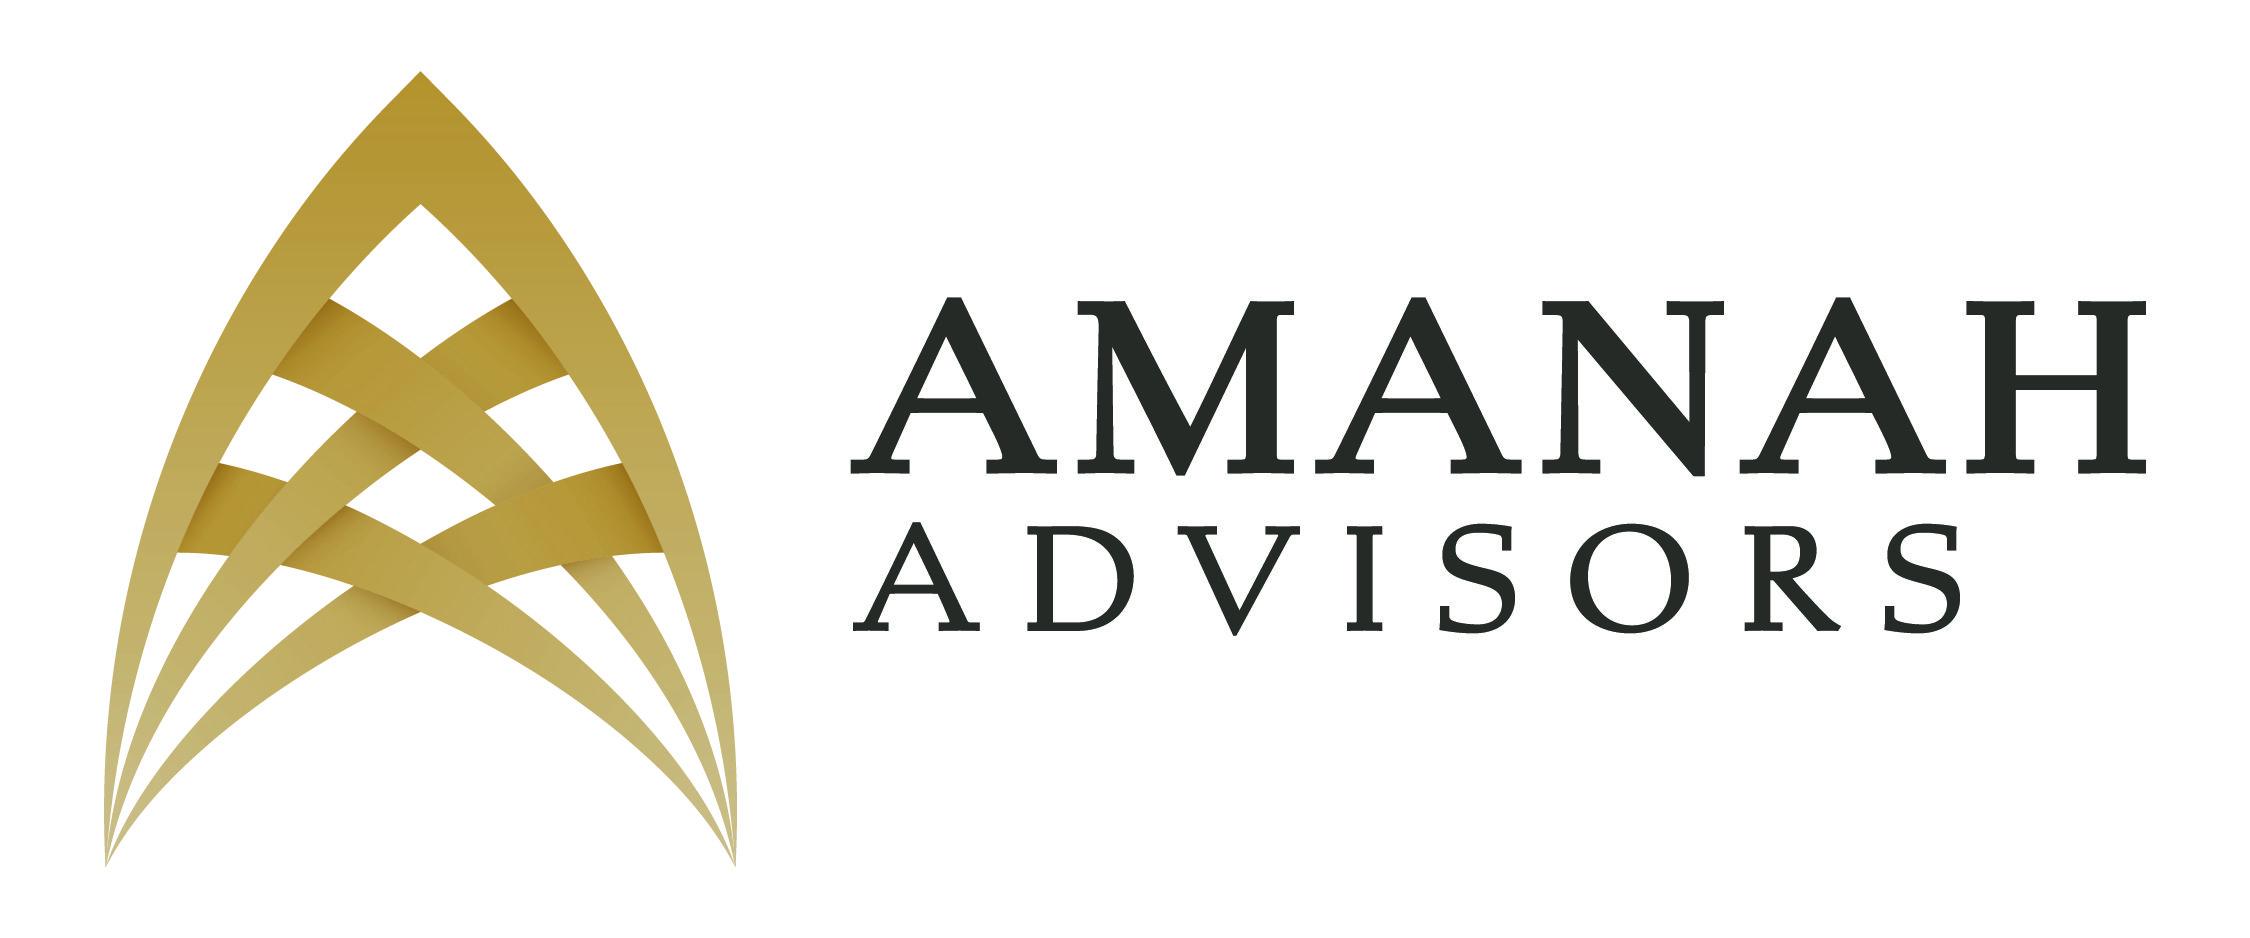 Amanah Advisors